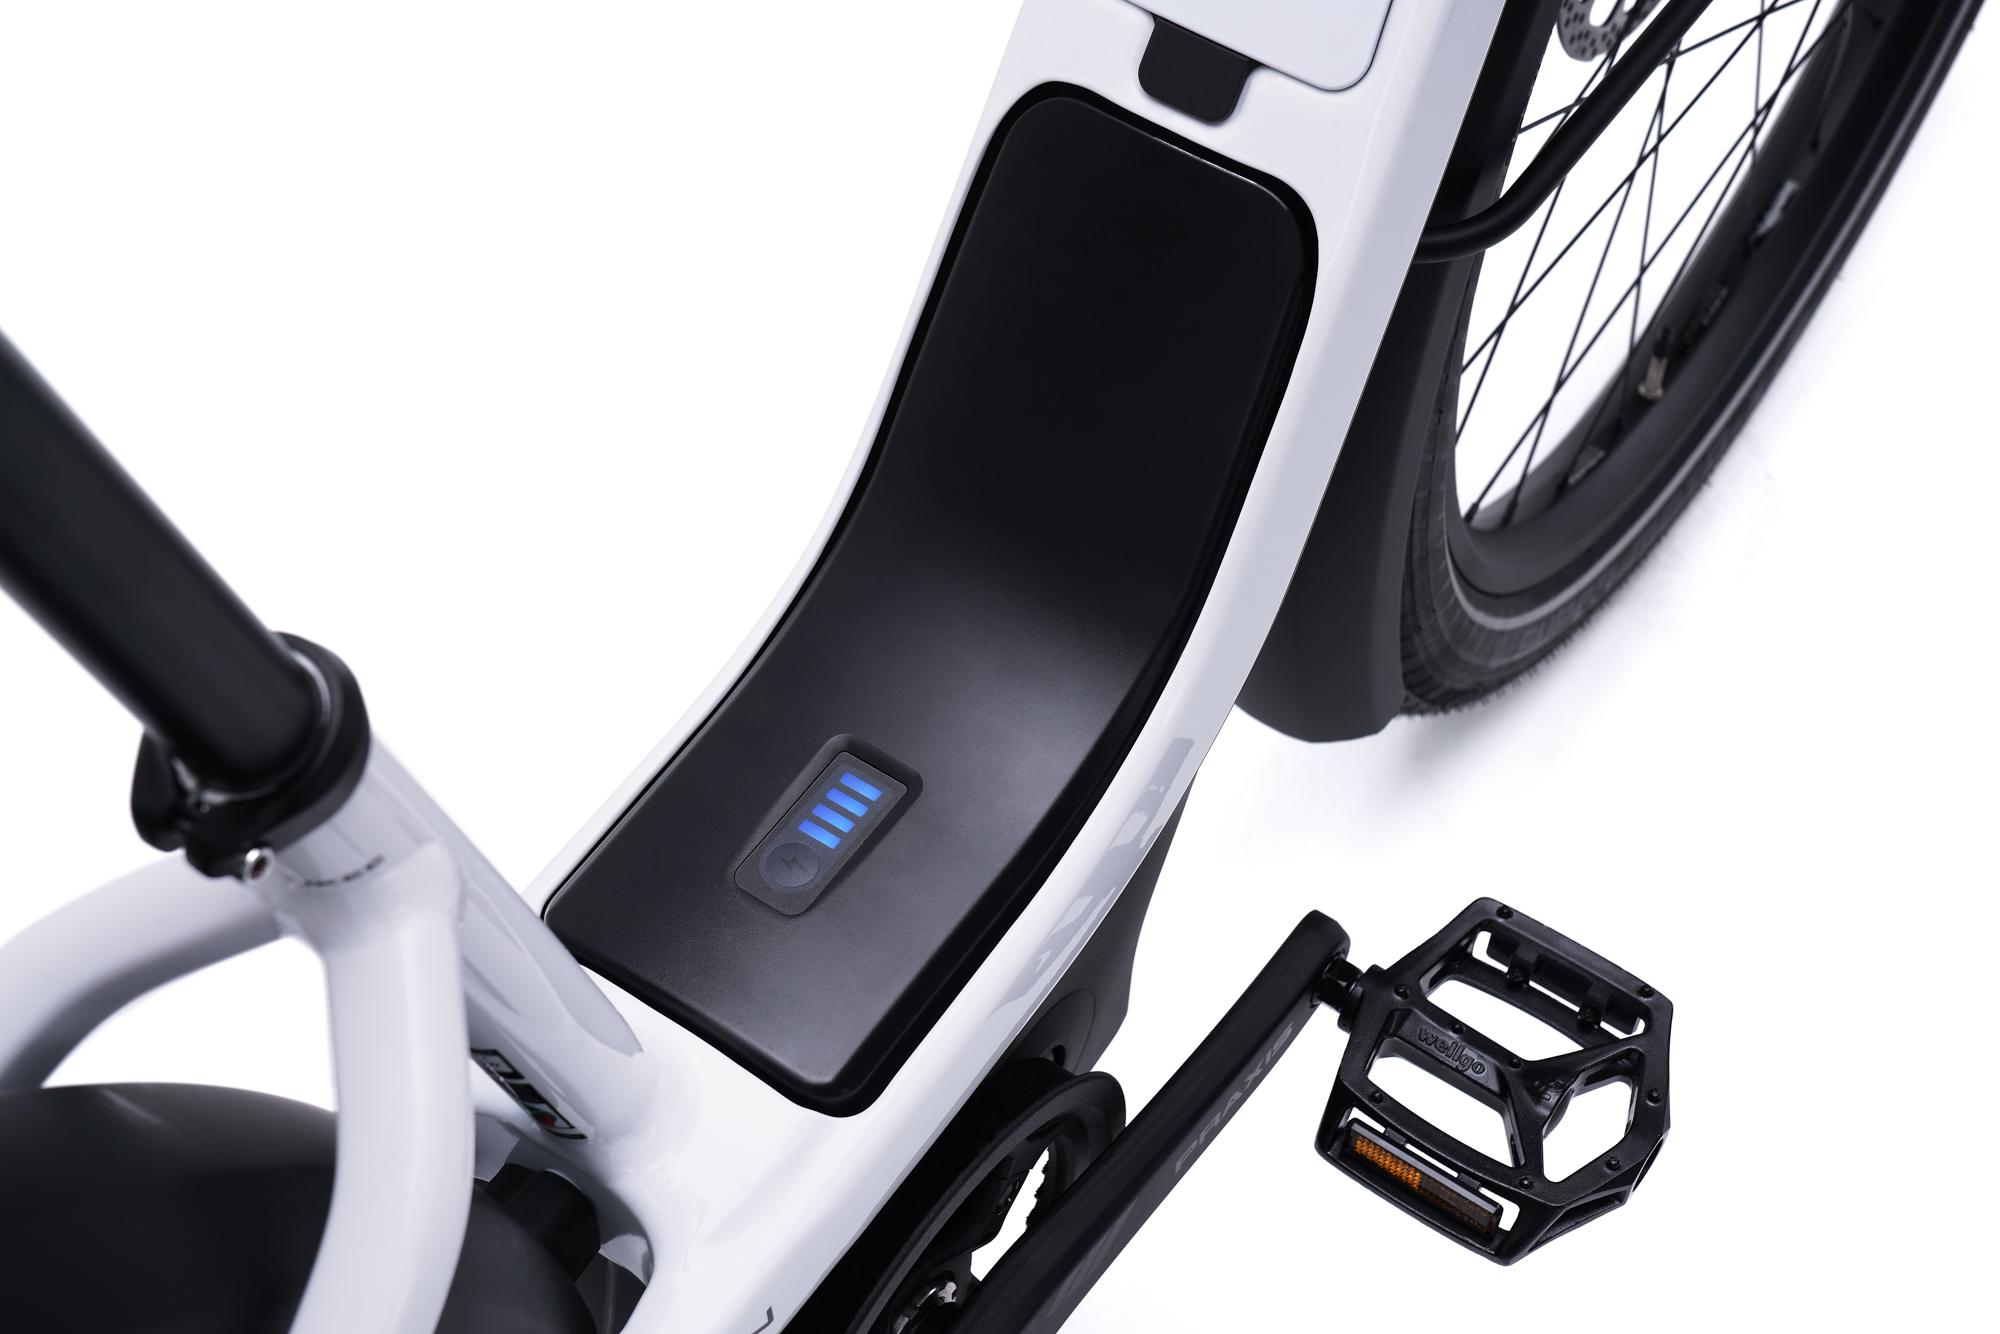 Alle Details zu den drei neuen Serial E-Bikes